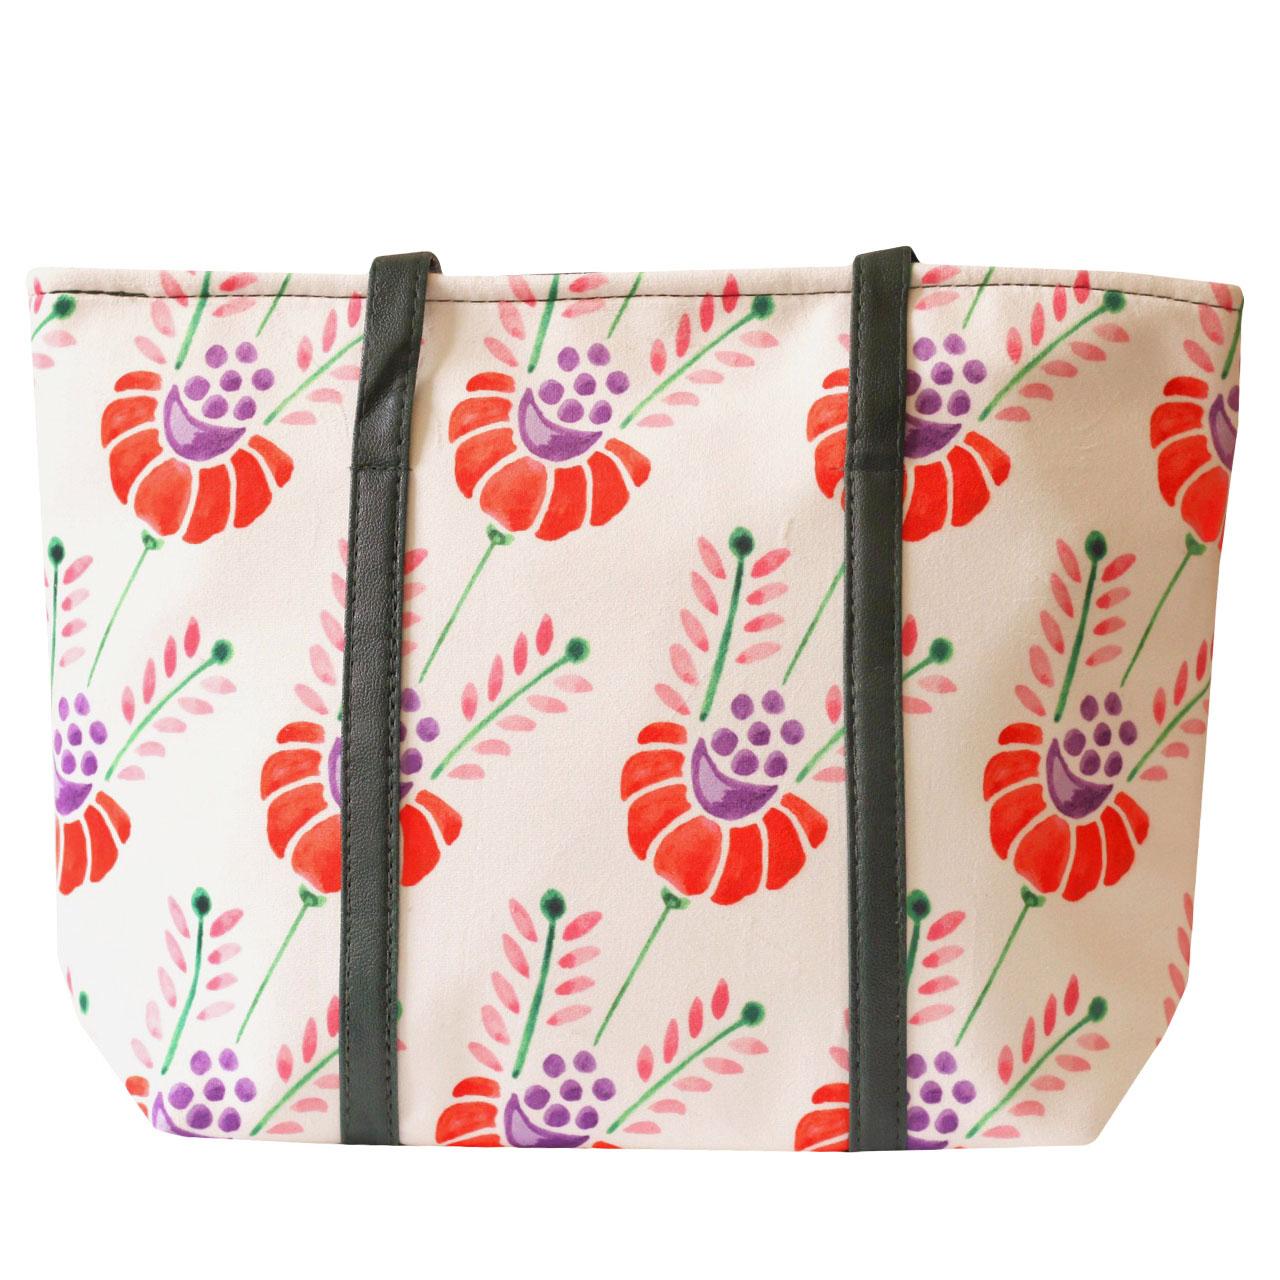 کیف رودوشی زنانه طرح Floral کد MB01